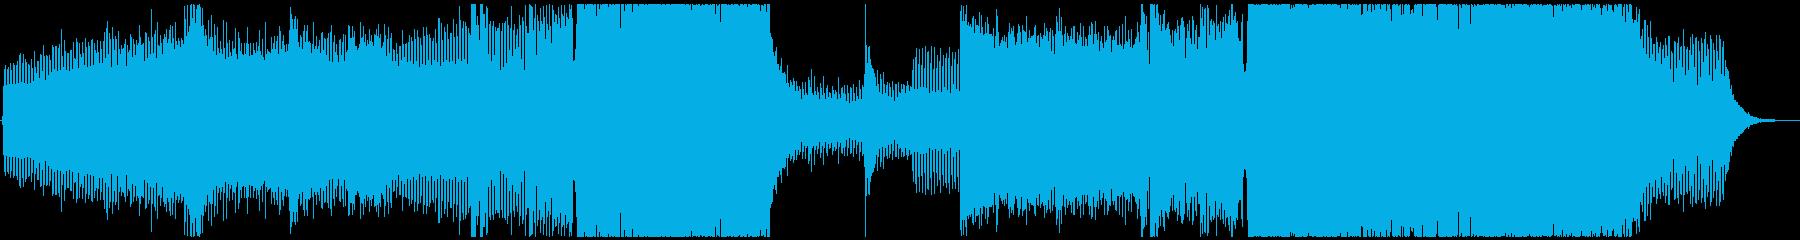 疾走感溢れるEDM/ hard coreの再生済みの波形